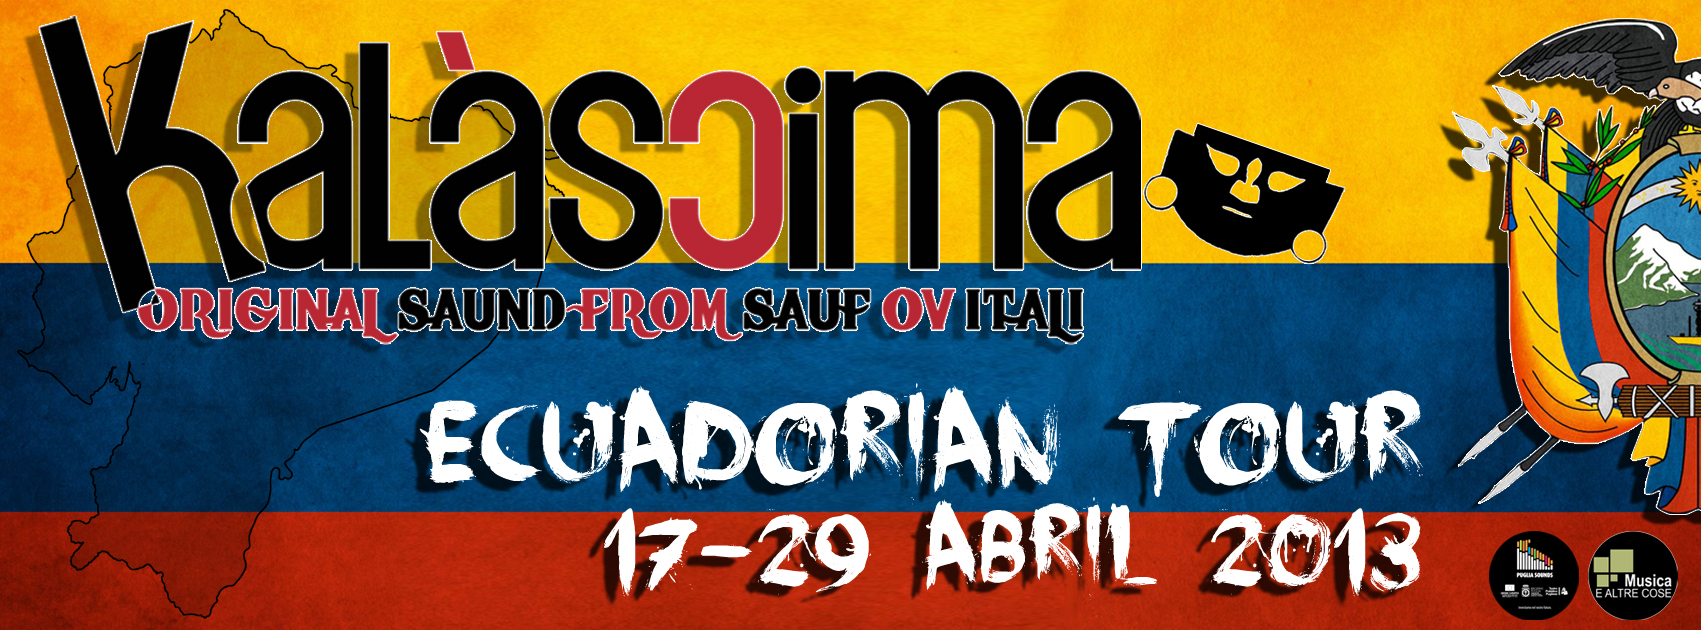 Ecuadorian Tour 2013